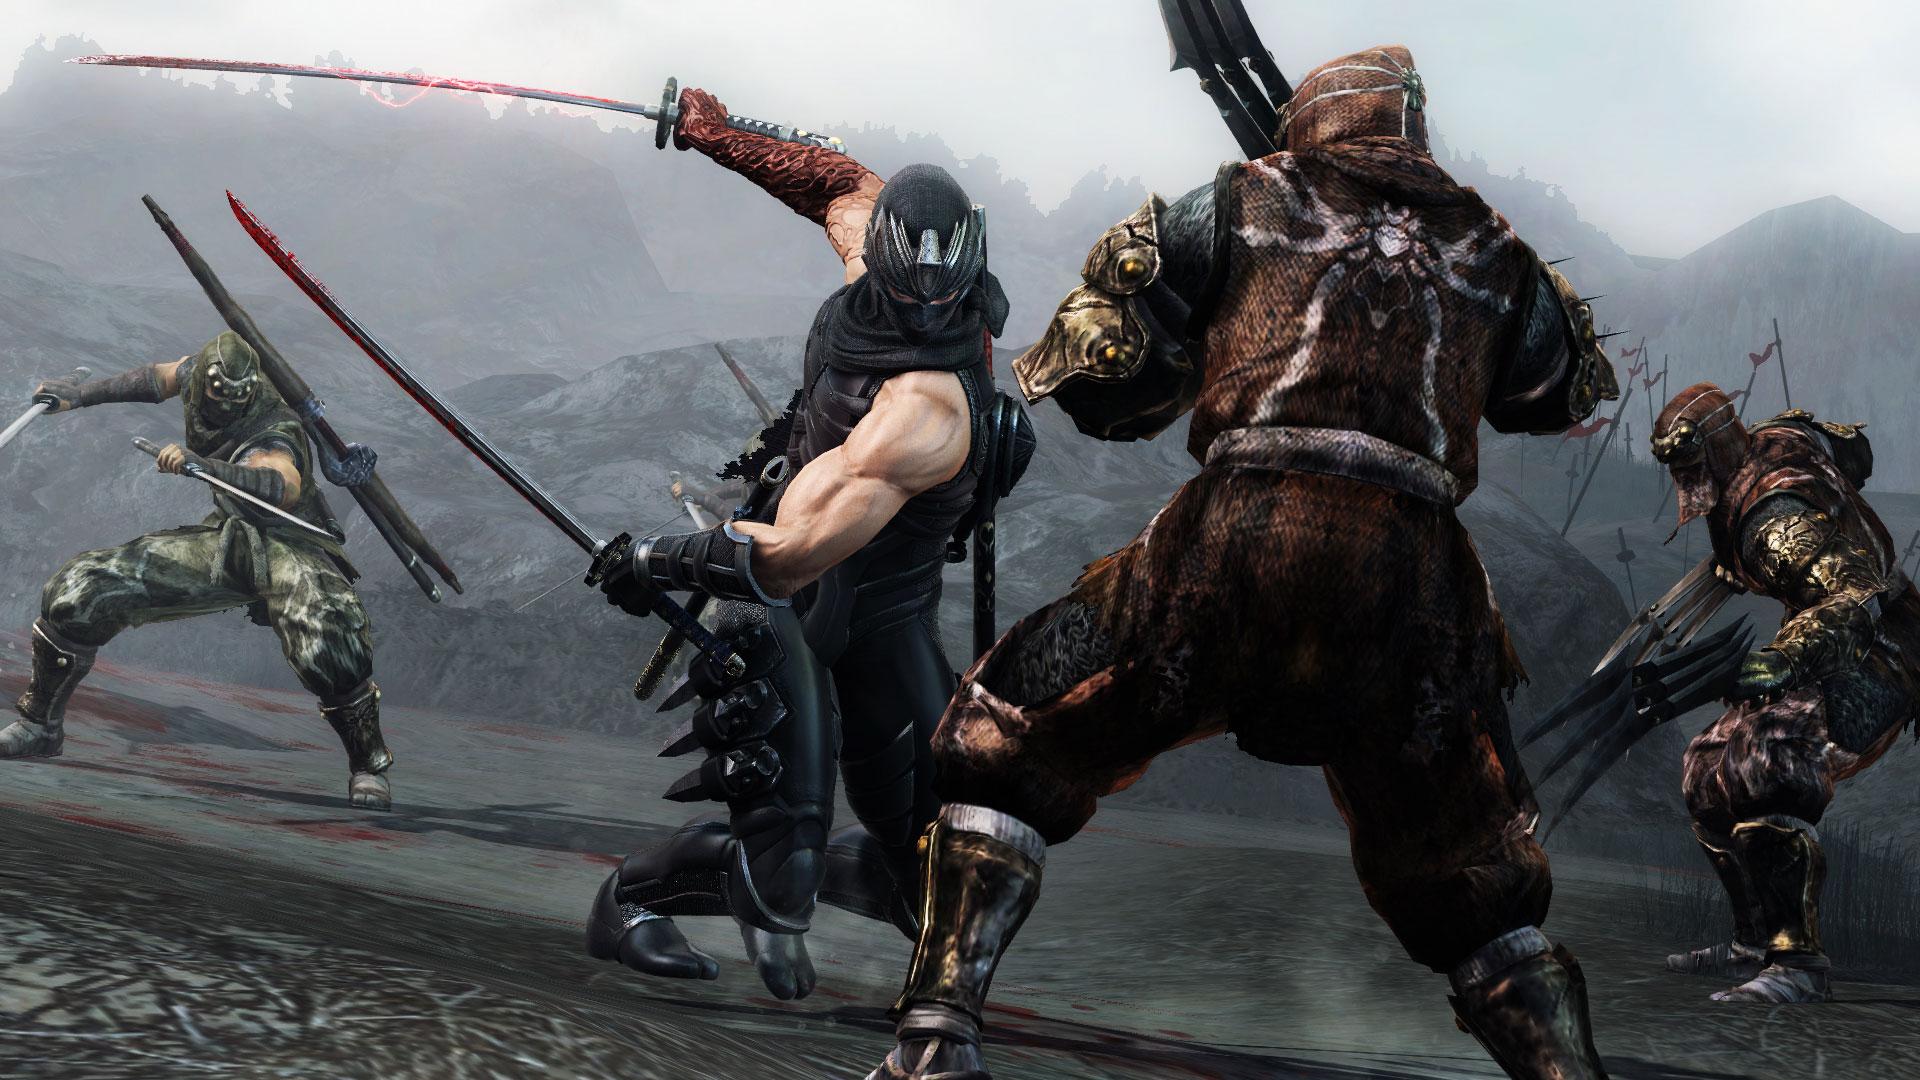 La PS3 y la Xbox 360 tendrán el juego Ninja Gaiden 3: Razor's Edge